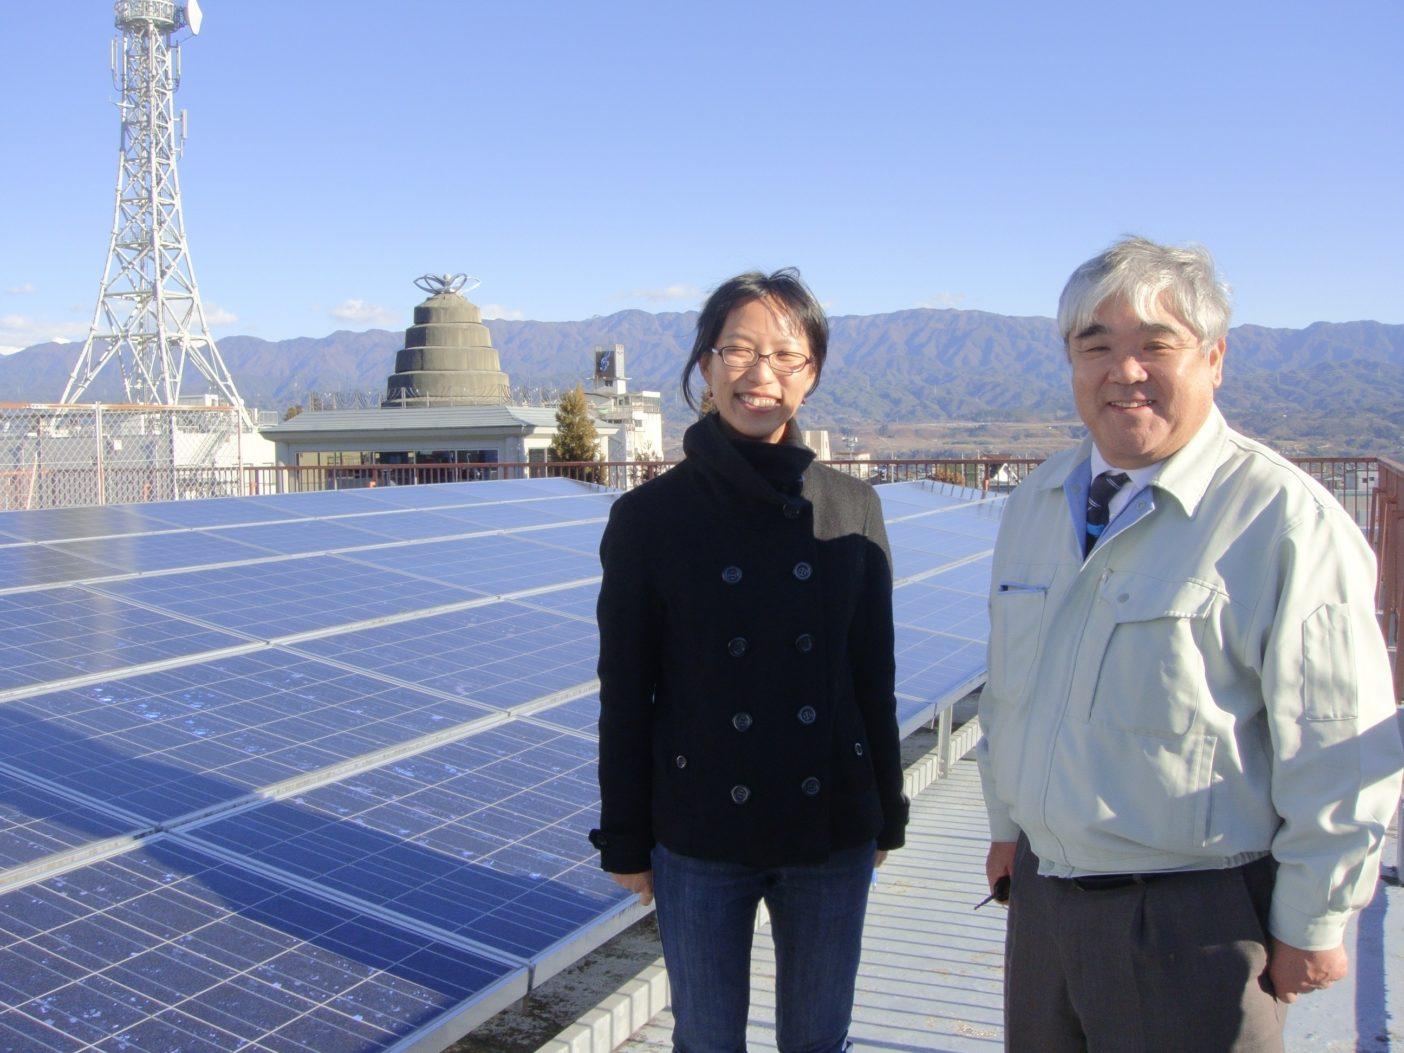 長野県飯田市公民館の屋上のソーラーパネル。「おひさま進歩エネルギー」の原さん(右)とグリーンピース・ジャパンの高田さん(左) 。写真:寺倉聡子